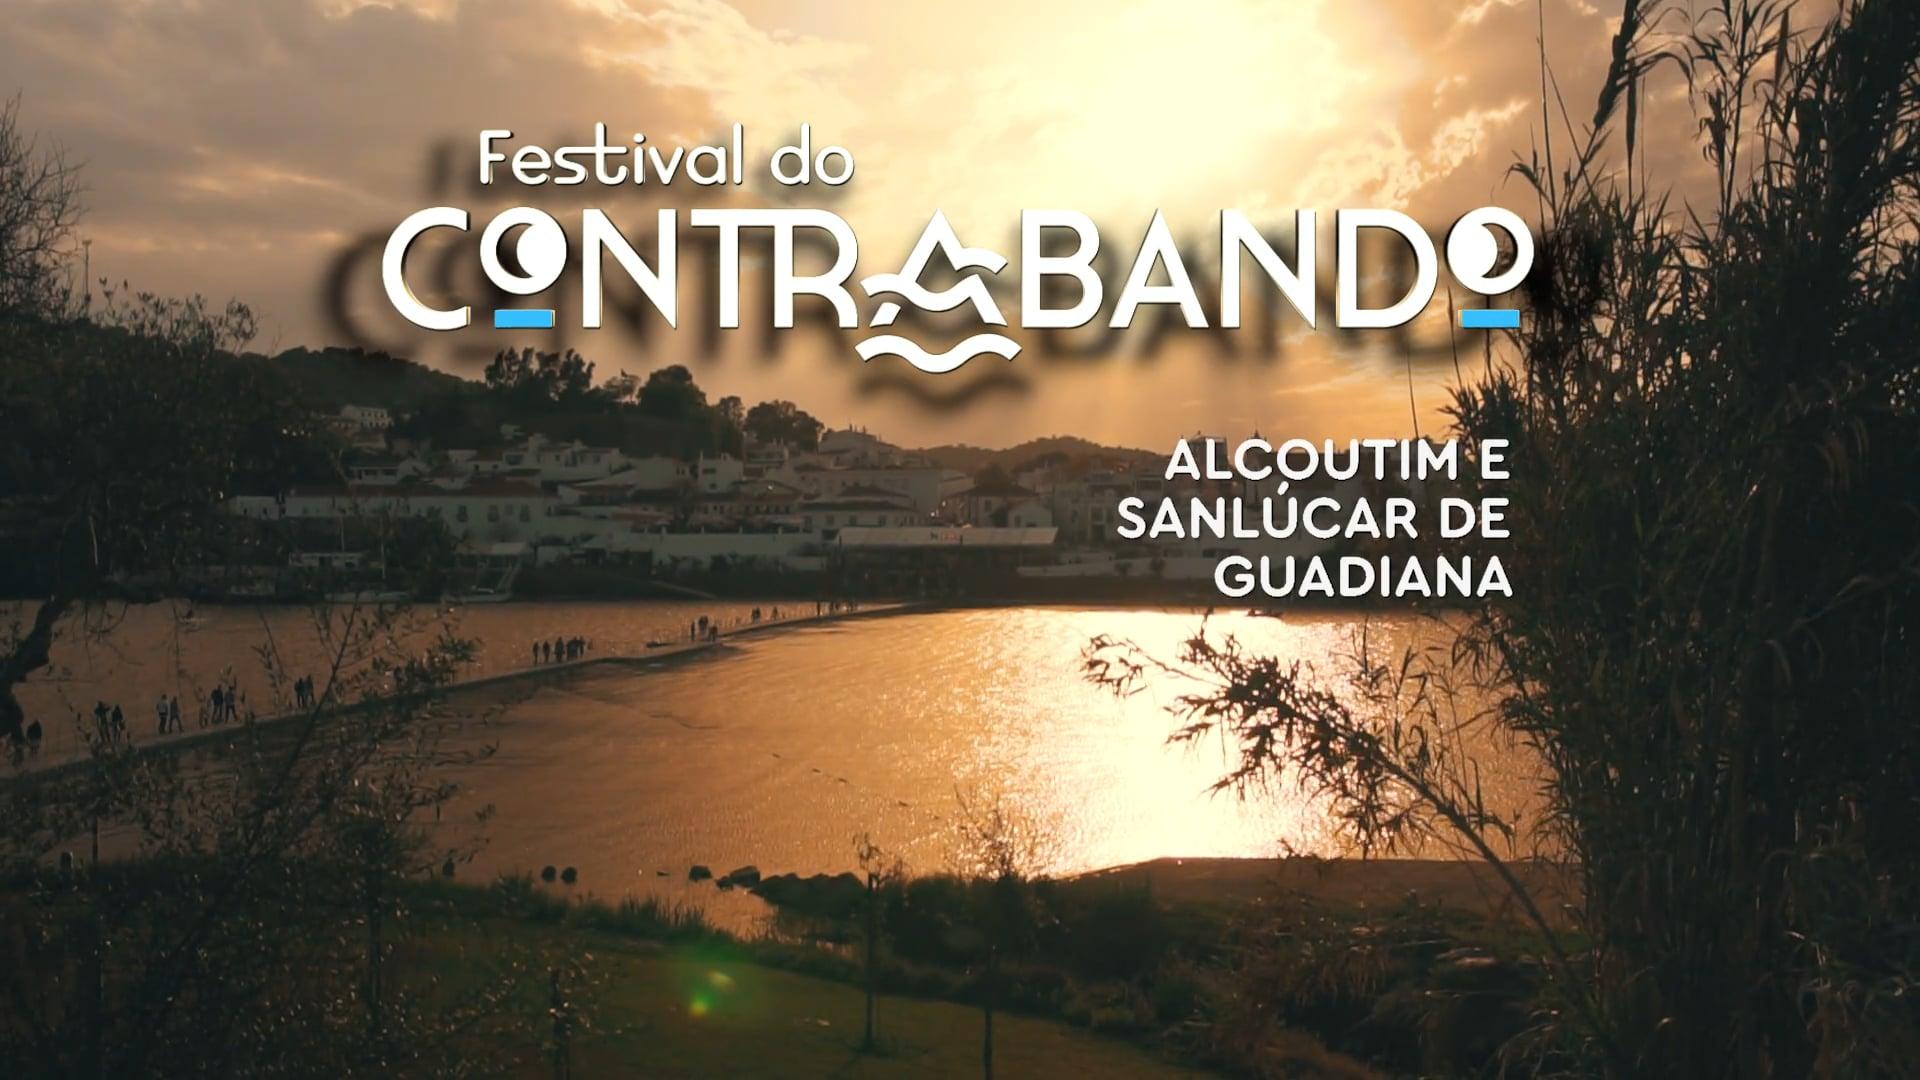 Festival do Contrabando 2019